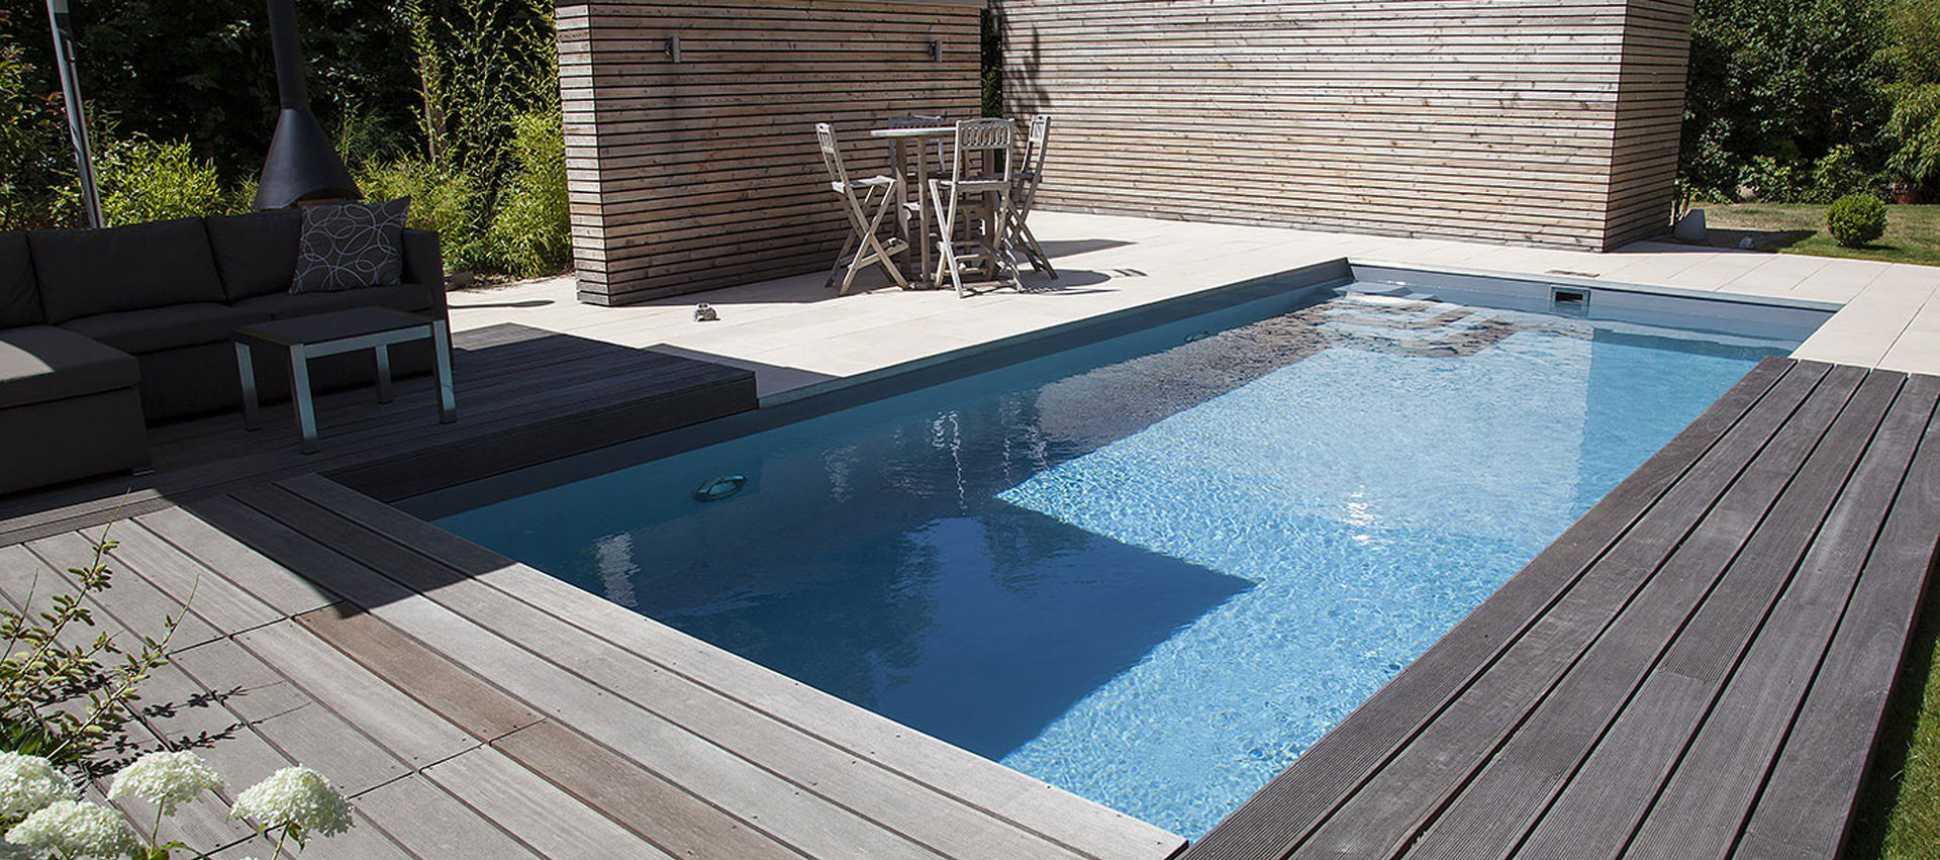 Polystonebecken Swimmingpool Niveko